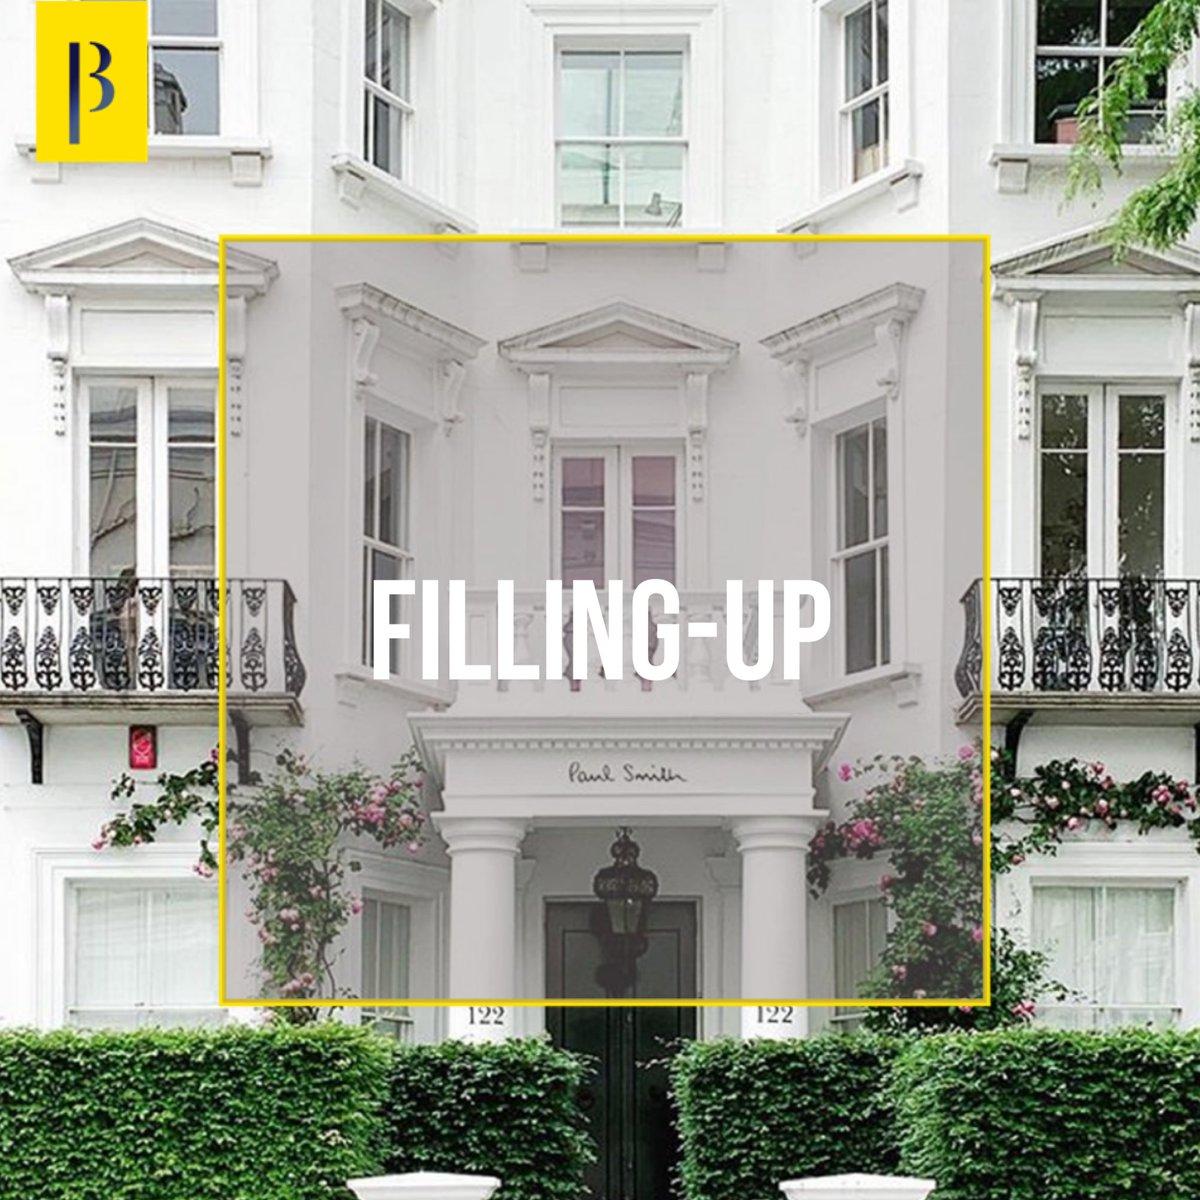 """تعرف على مصطلحات معمارية ••• """"Filling-Up"""" - """"ردم"""" ... مصطلح يقصد به أعمال الردم الخاصة بالمبنى بعد الحفر وعمل القواعد https://t.co/CvIfWNGiQ1"""